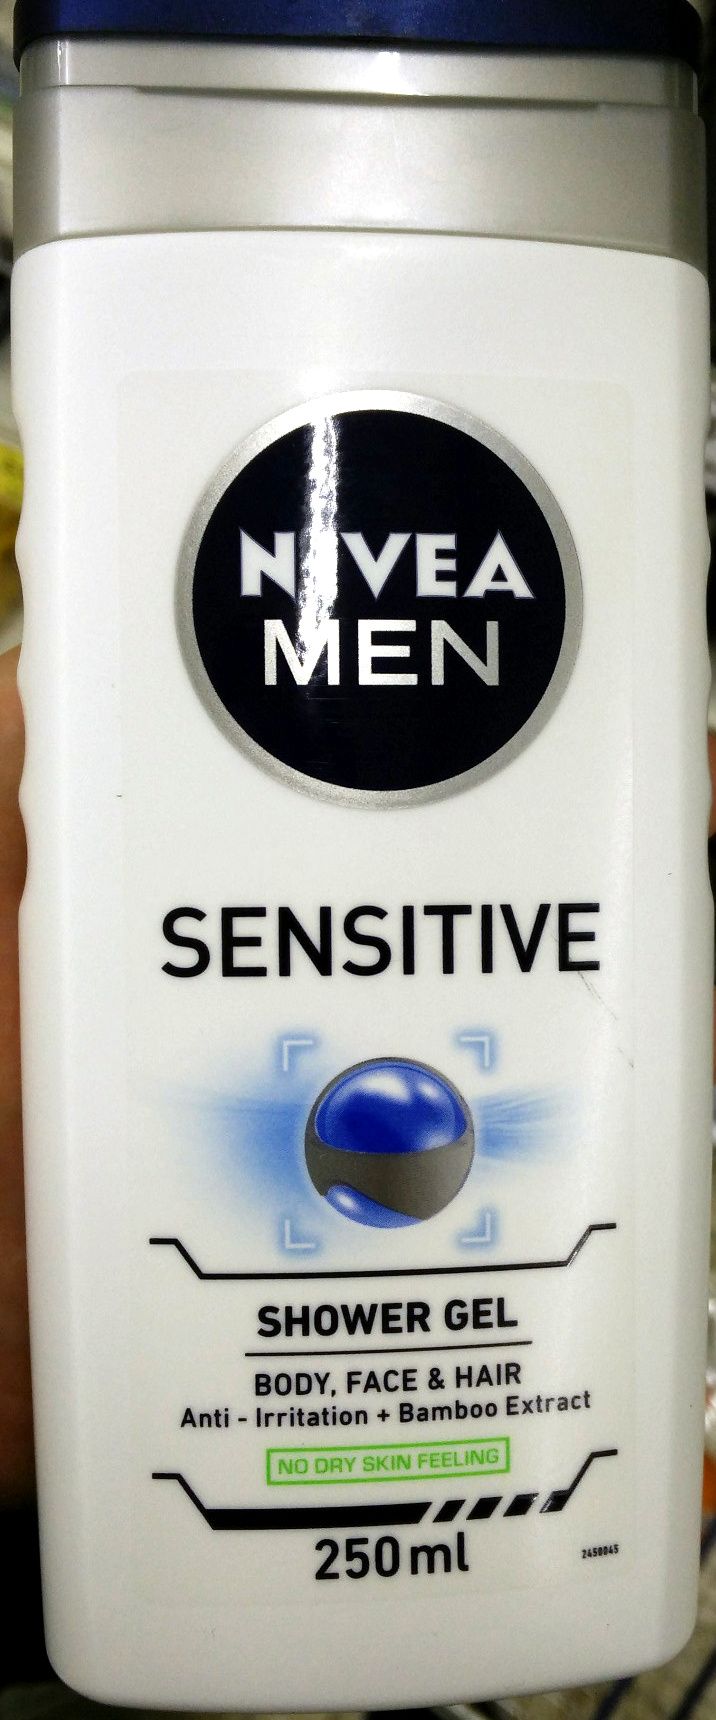 Sensitive Shower Gel - Product